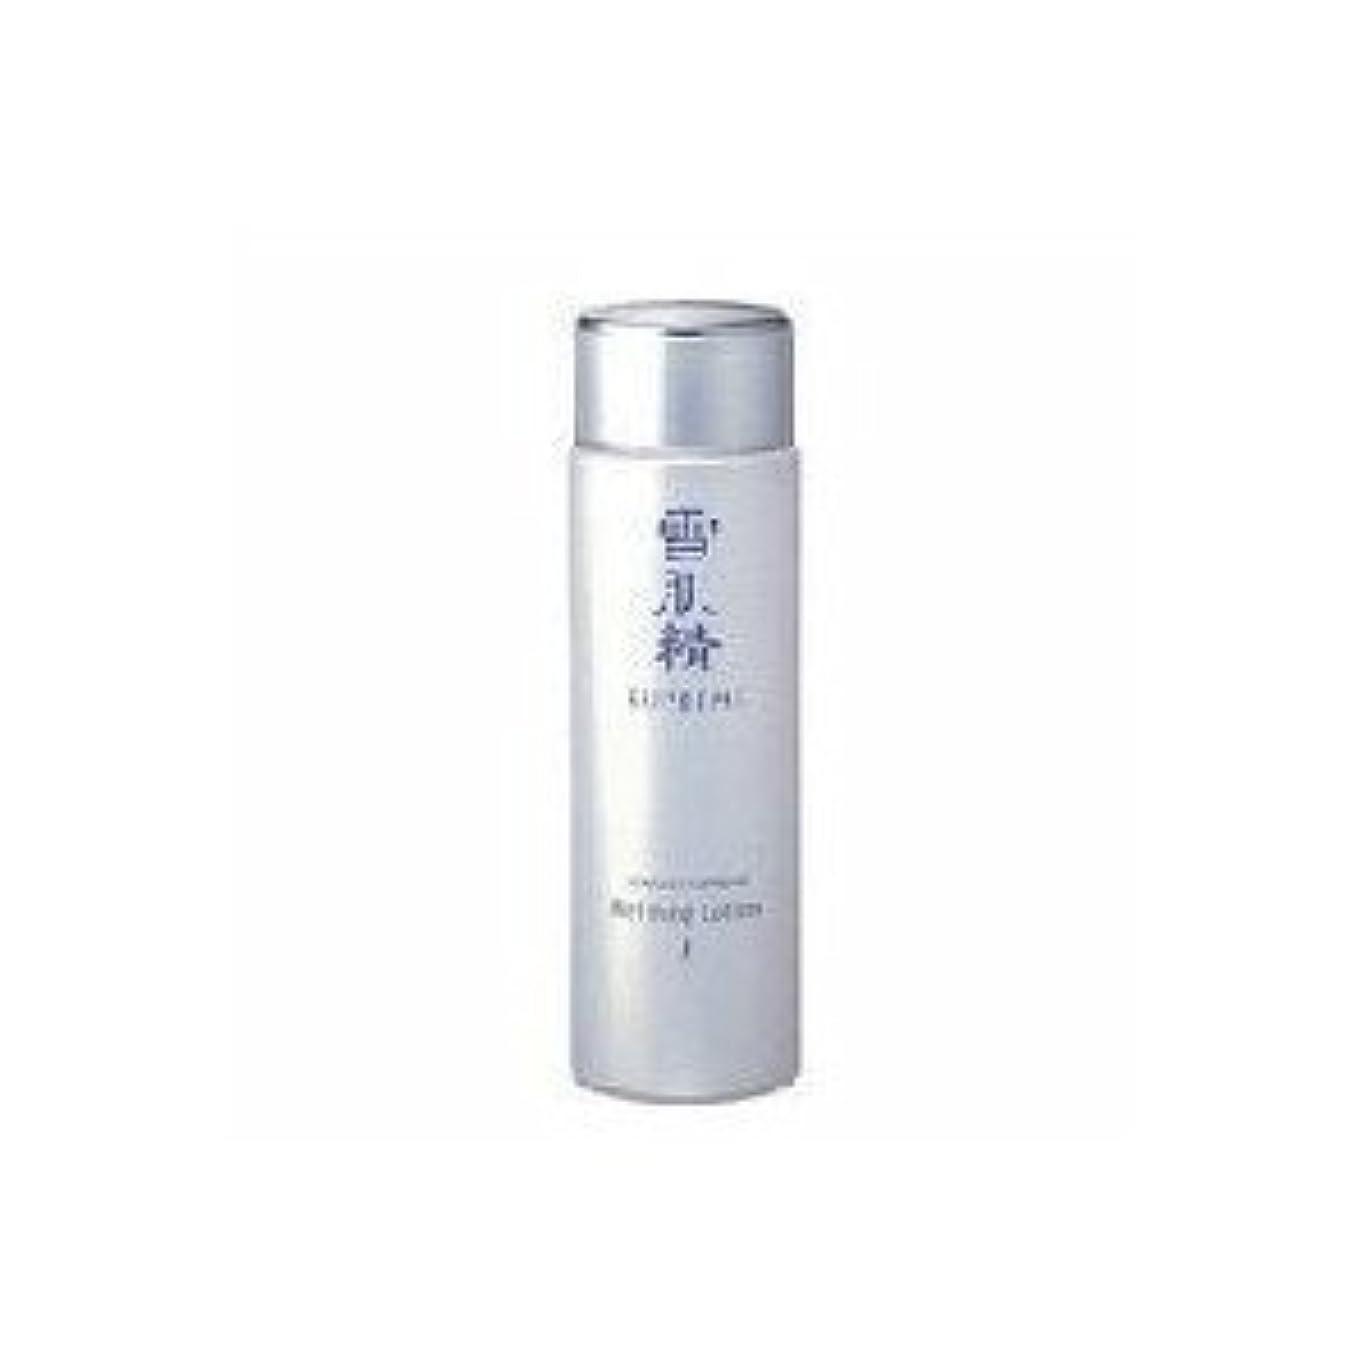 ブラシ犯すフォージ限定品 コーセー 雪肌精 シュープレム 化粧水 II 400ml